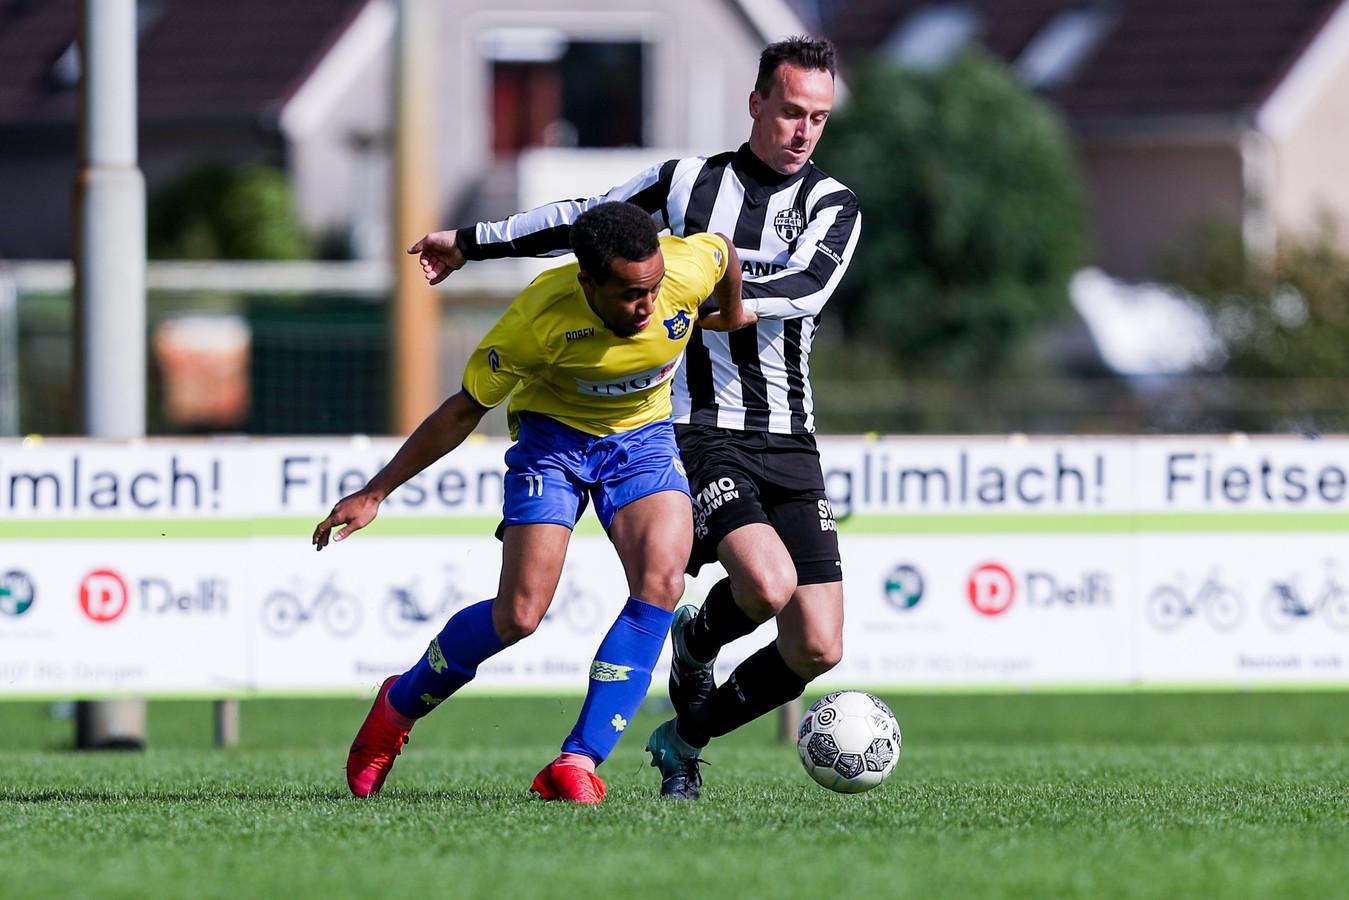 Spelbeeld uit de voetbalwedstrijd Dongen-Gemert op 4 oktober 2020. In beeld Dongen-speler Roshendley Saez in duel met een speler van Gemert.